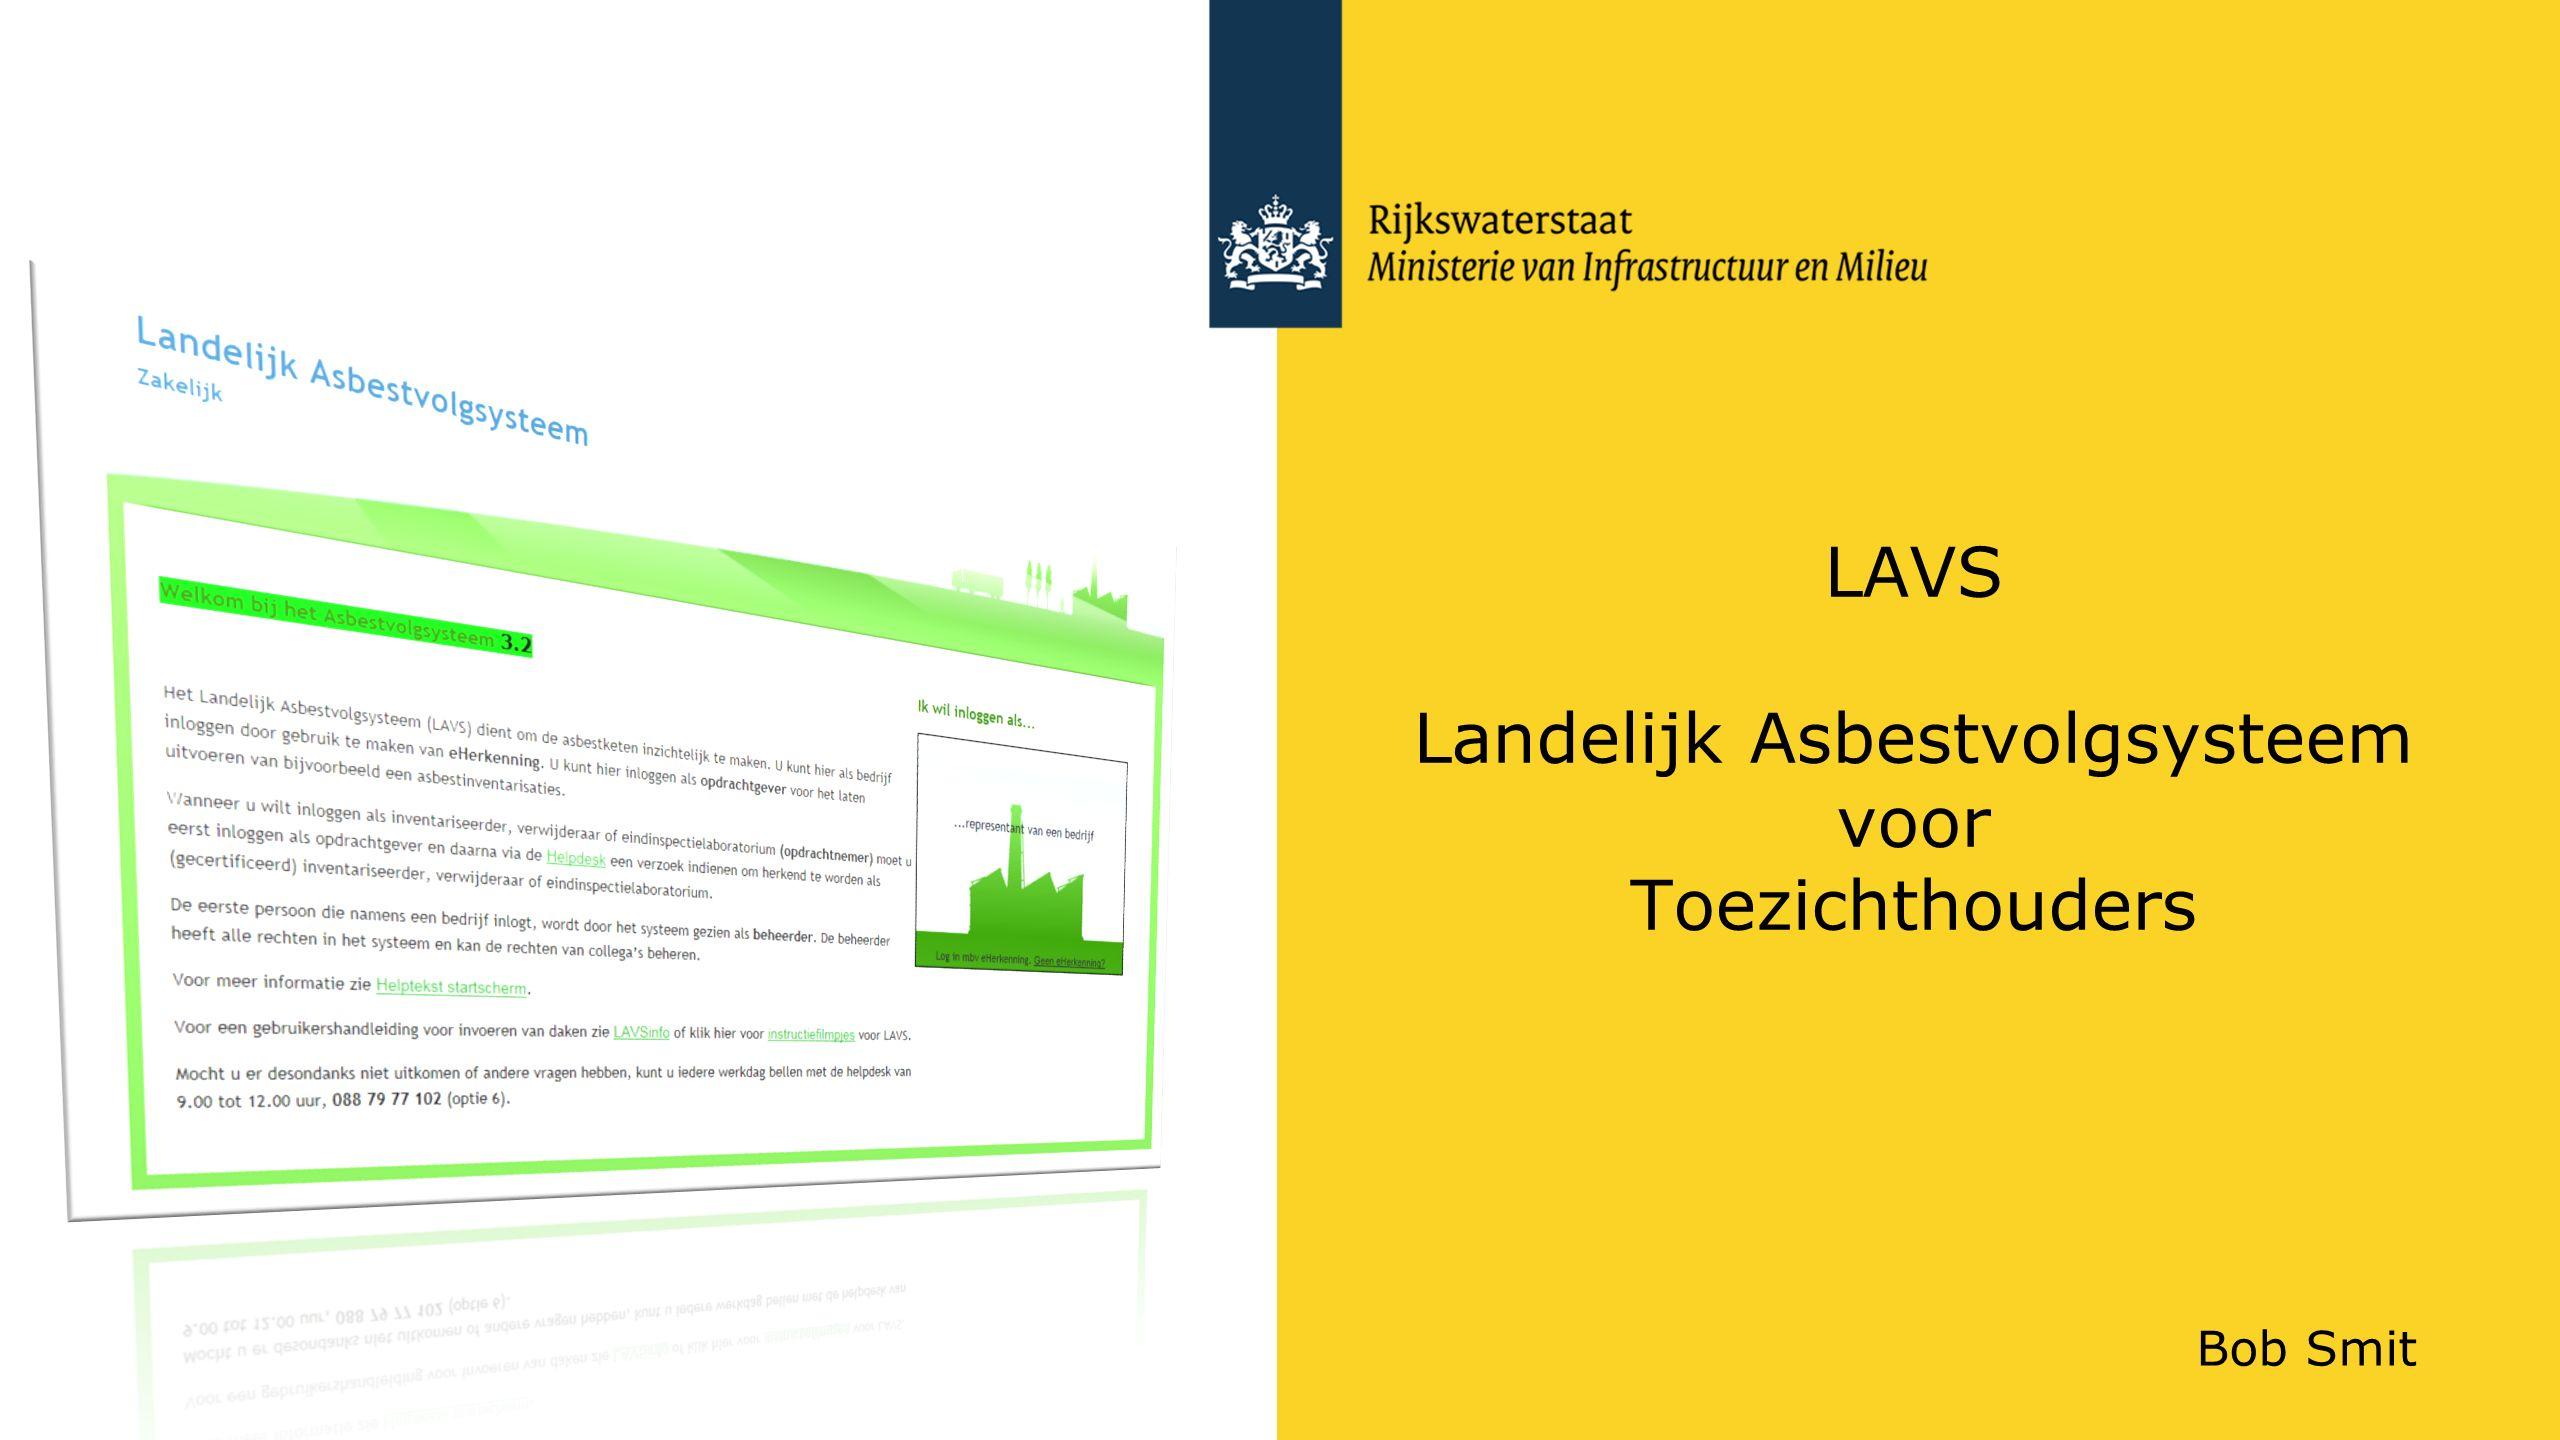 LAVS Landelijk Asbestvolgsysteem voor Toezichthouders